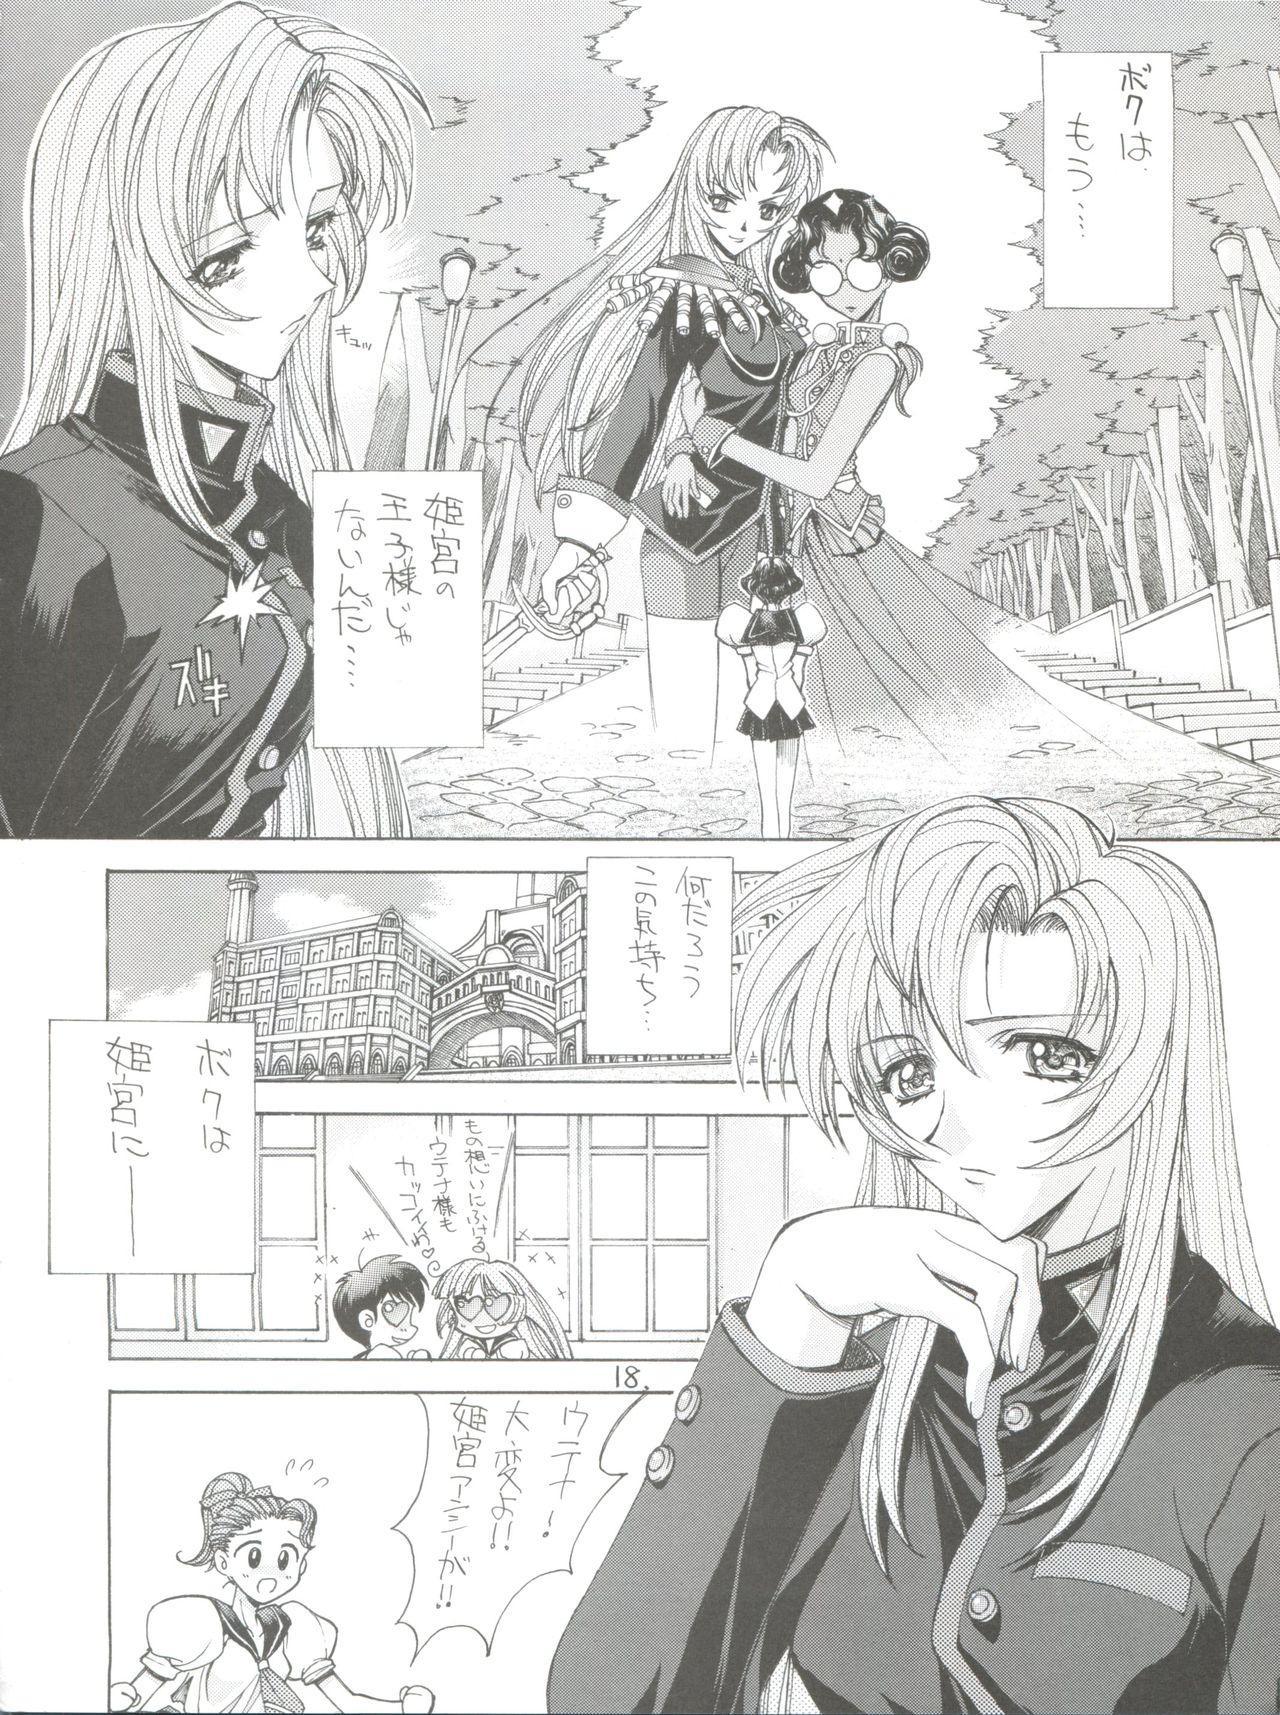 Shinku no Shounen Densetsu 16